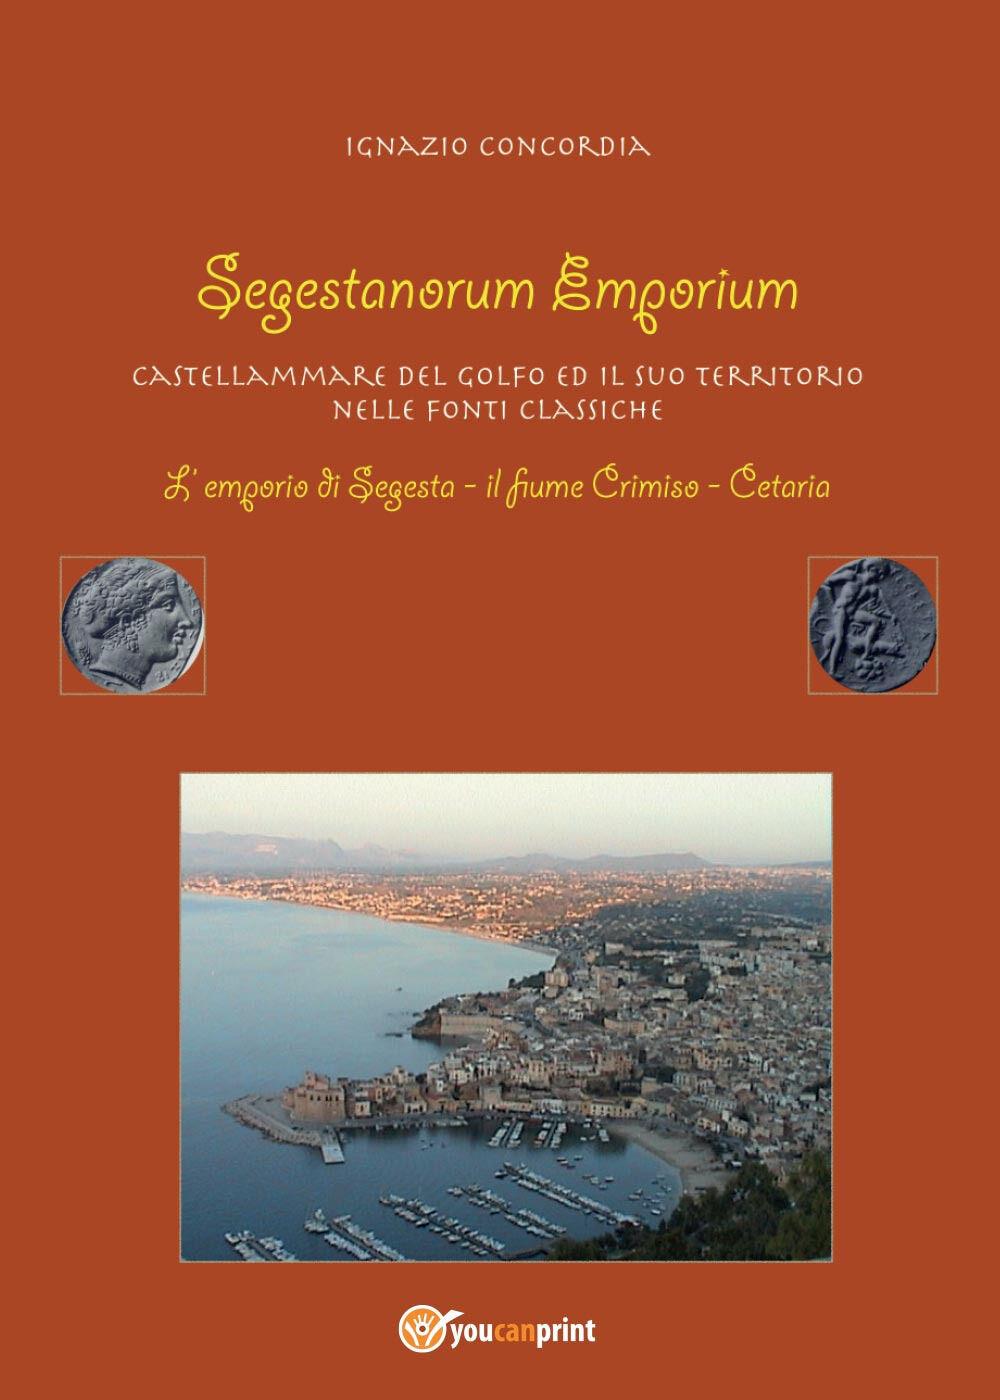 Segestanorum Emporium. Castellammare del Golfo nelle fonti classiche